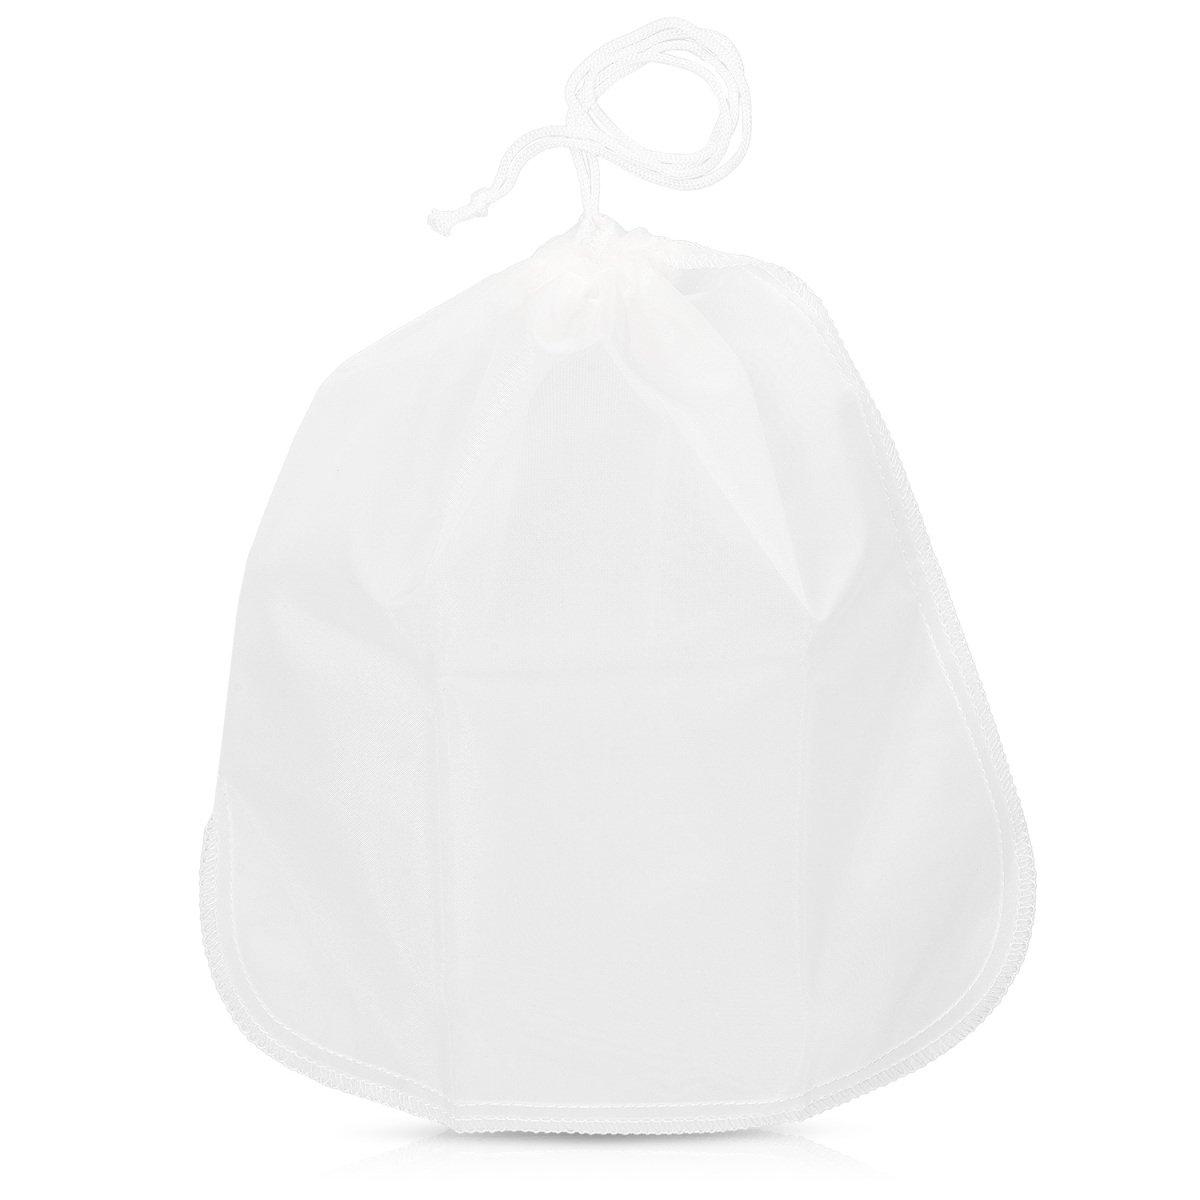 Filtre Passoire en Tissu pour Lait Chanvre Noix Amande Soja Riz Jus /Étamine Fromage Mousseline Vegan Blanc Navaris Sac /à Lait V/ég/étal 20x30 cm